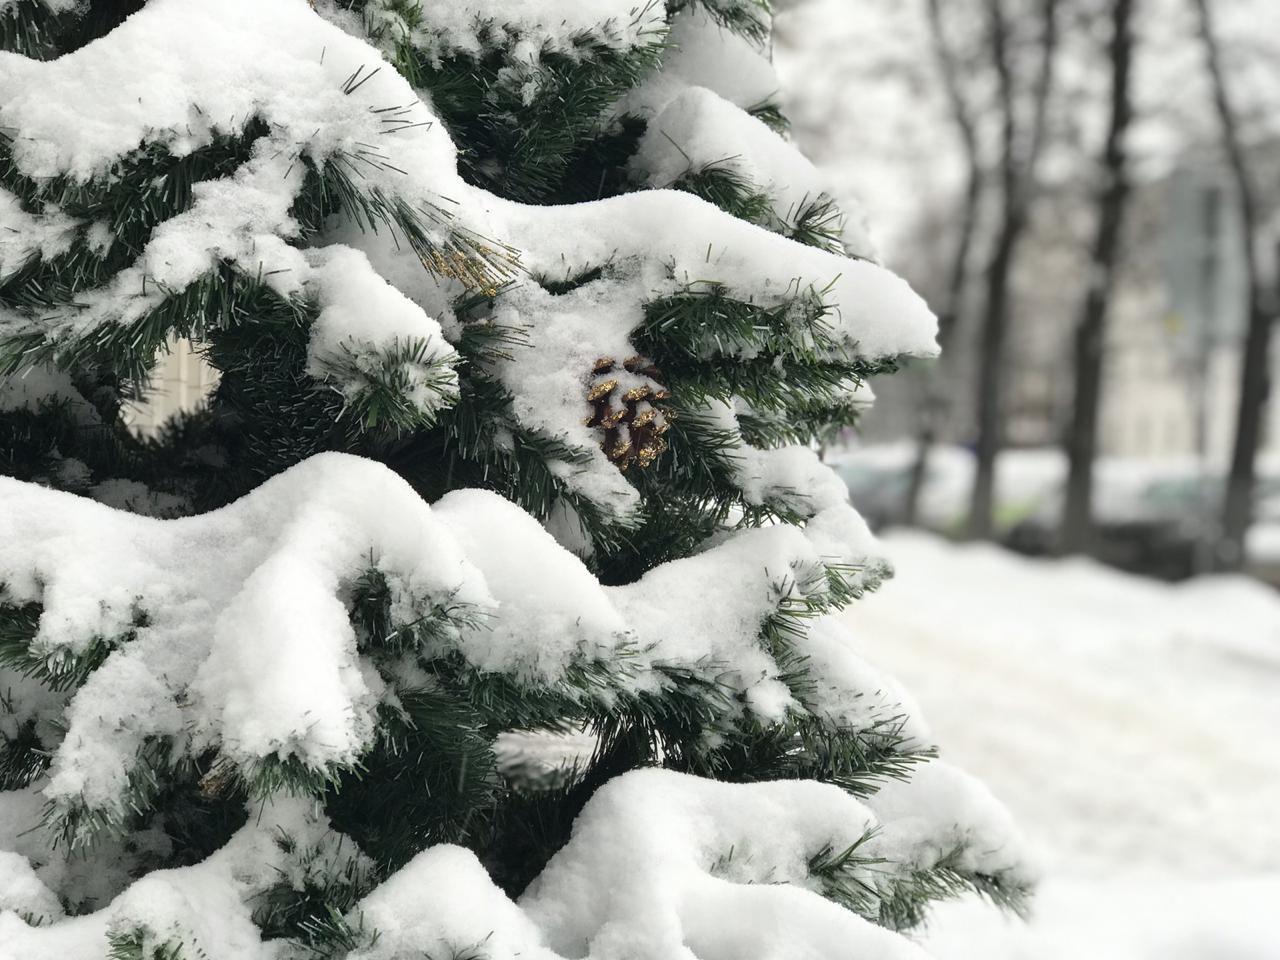 В Новый год ярославцев зовут на Советскую площадь: что в программе